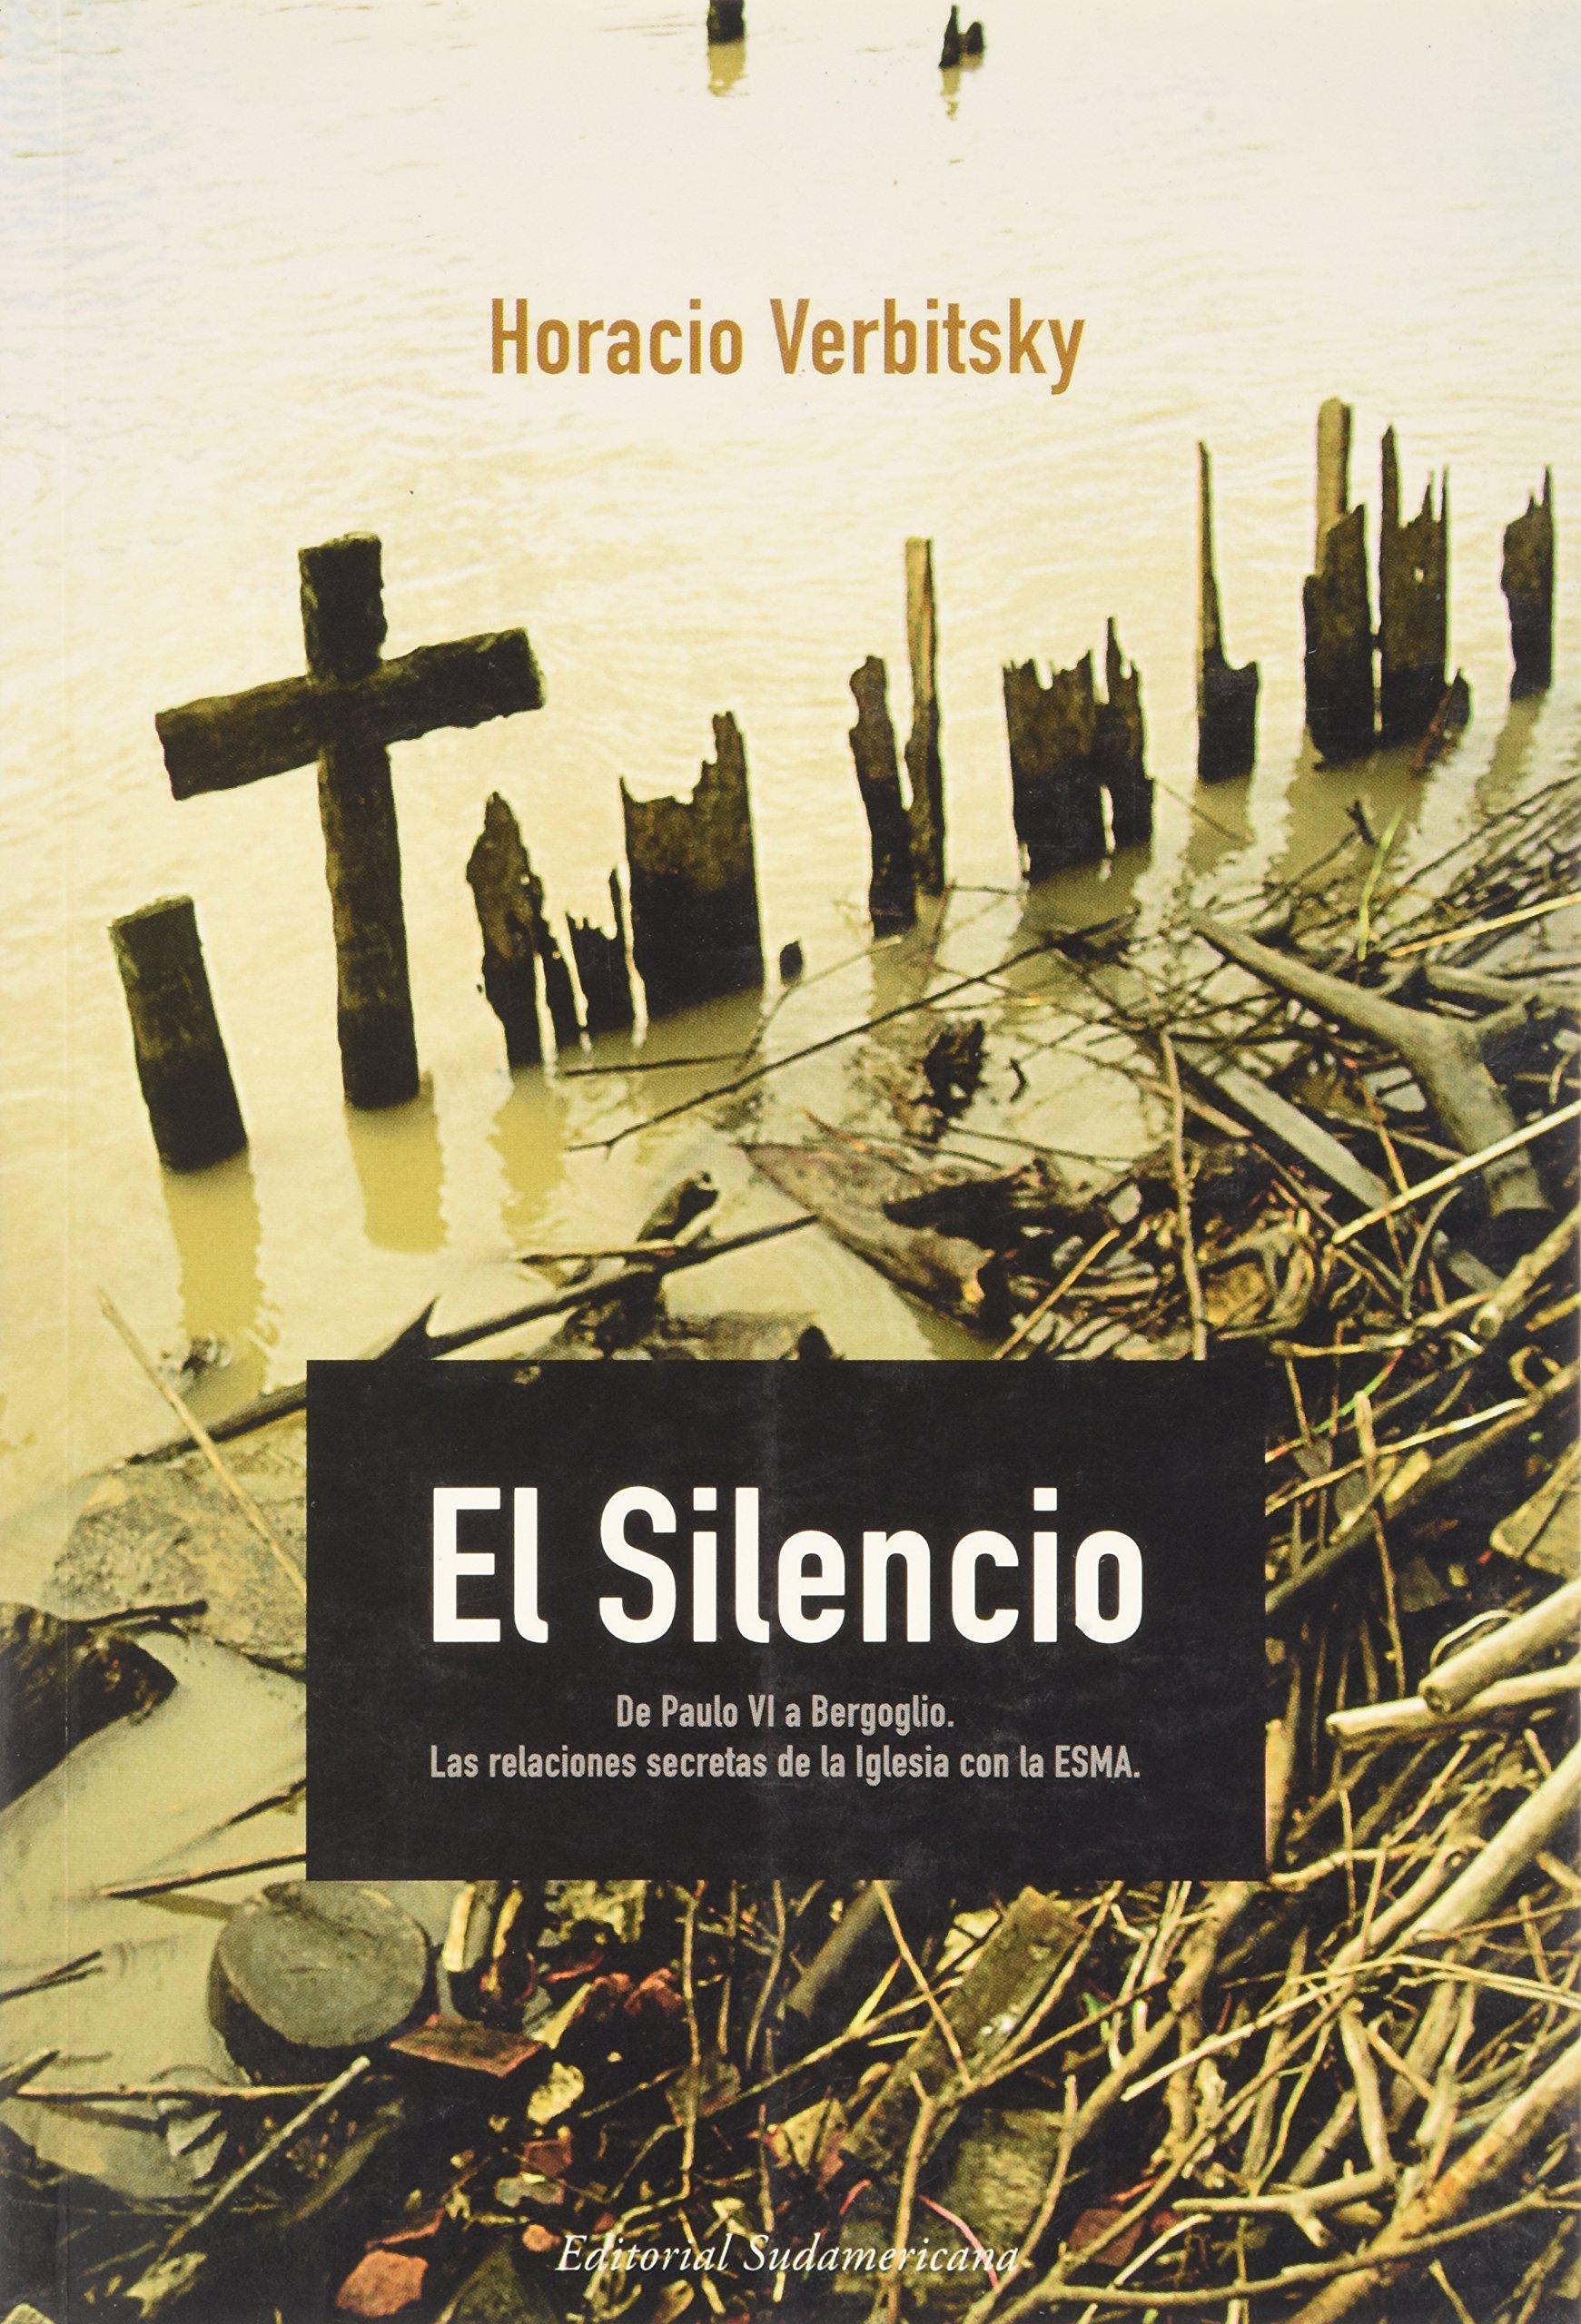 Download El silencio. De Paulo VI a Bergoglio. Las relaciones secretas de la Iglesia con la ESMA (Spanish Edition) ebook